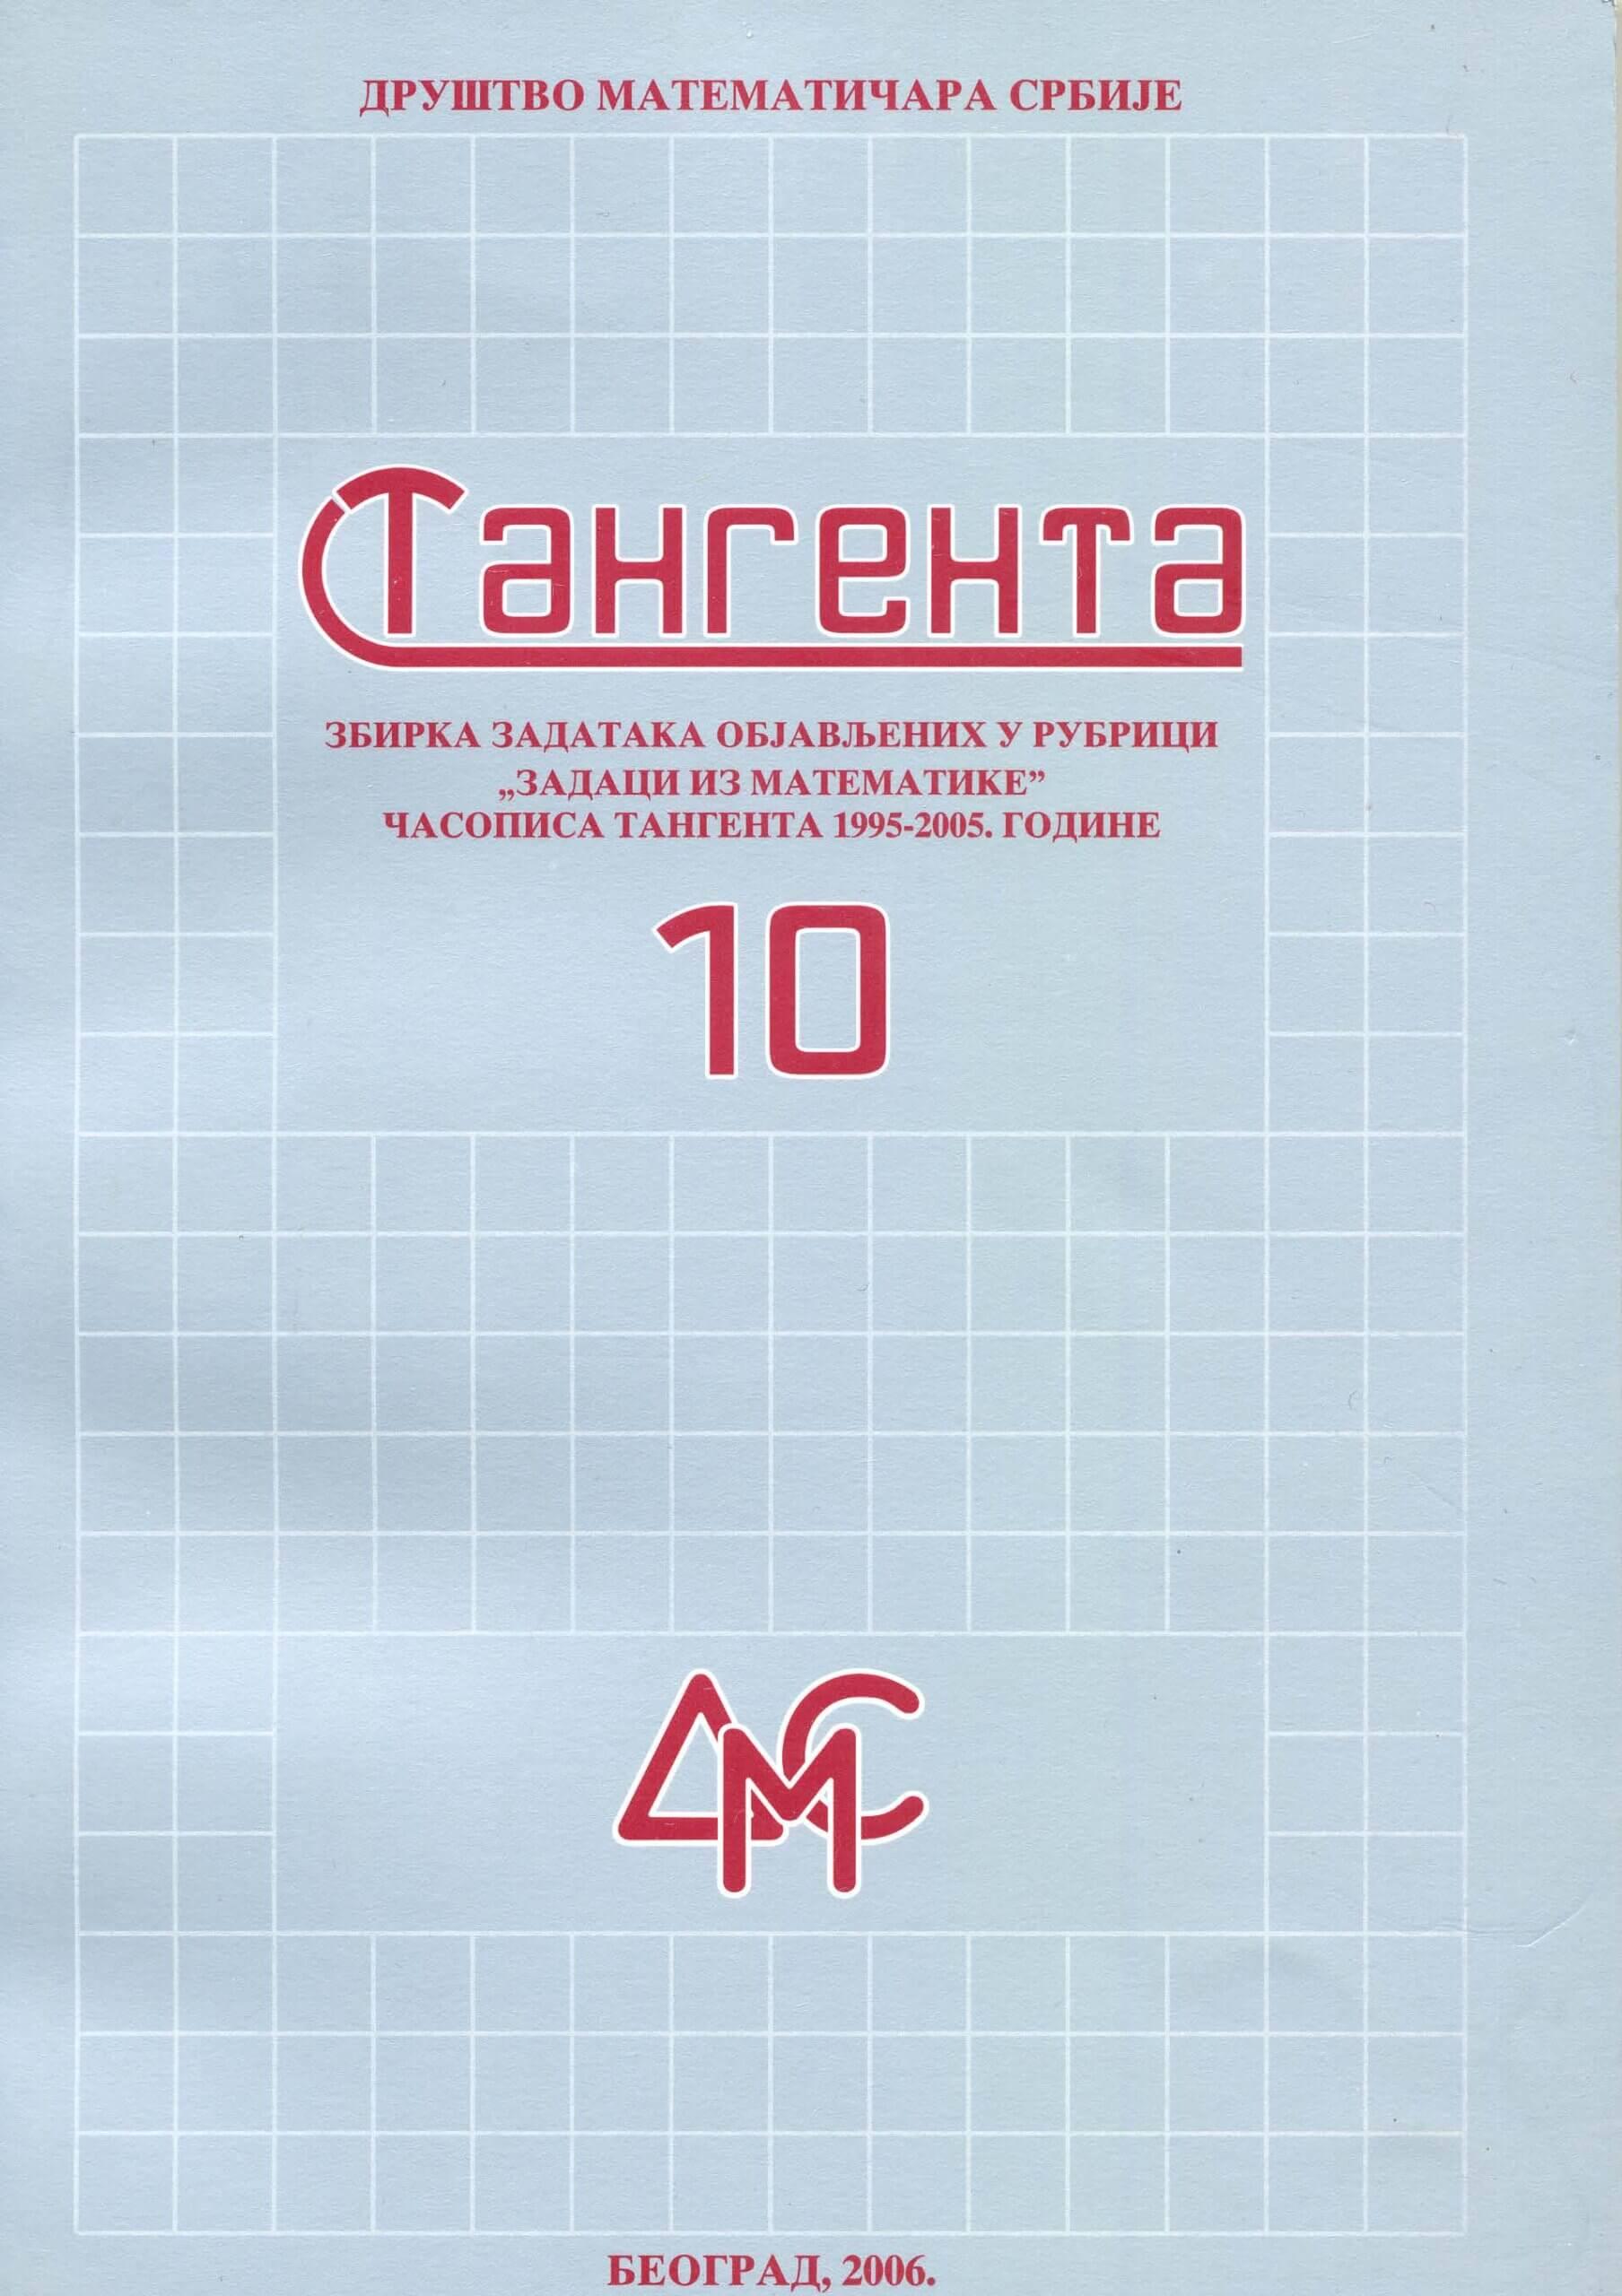 """ТАНГЕНТА 10, Збирка решених задатака објављених у рубрици """"Задаци из математике"""" часописа """"Тангента"""" 1995-2005. год."""